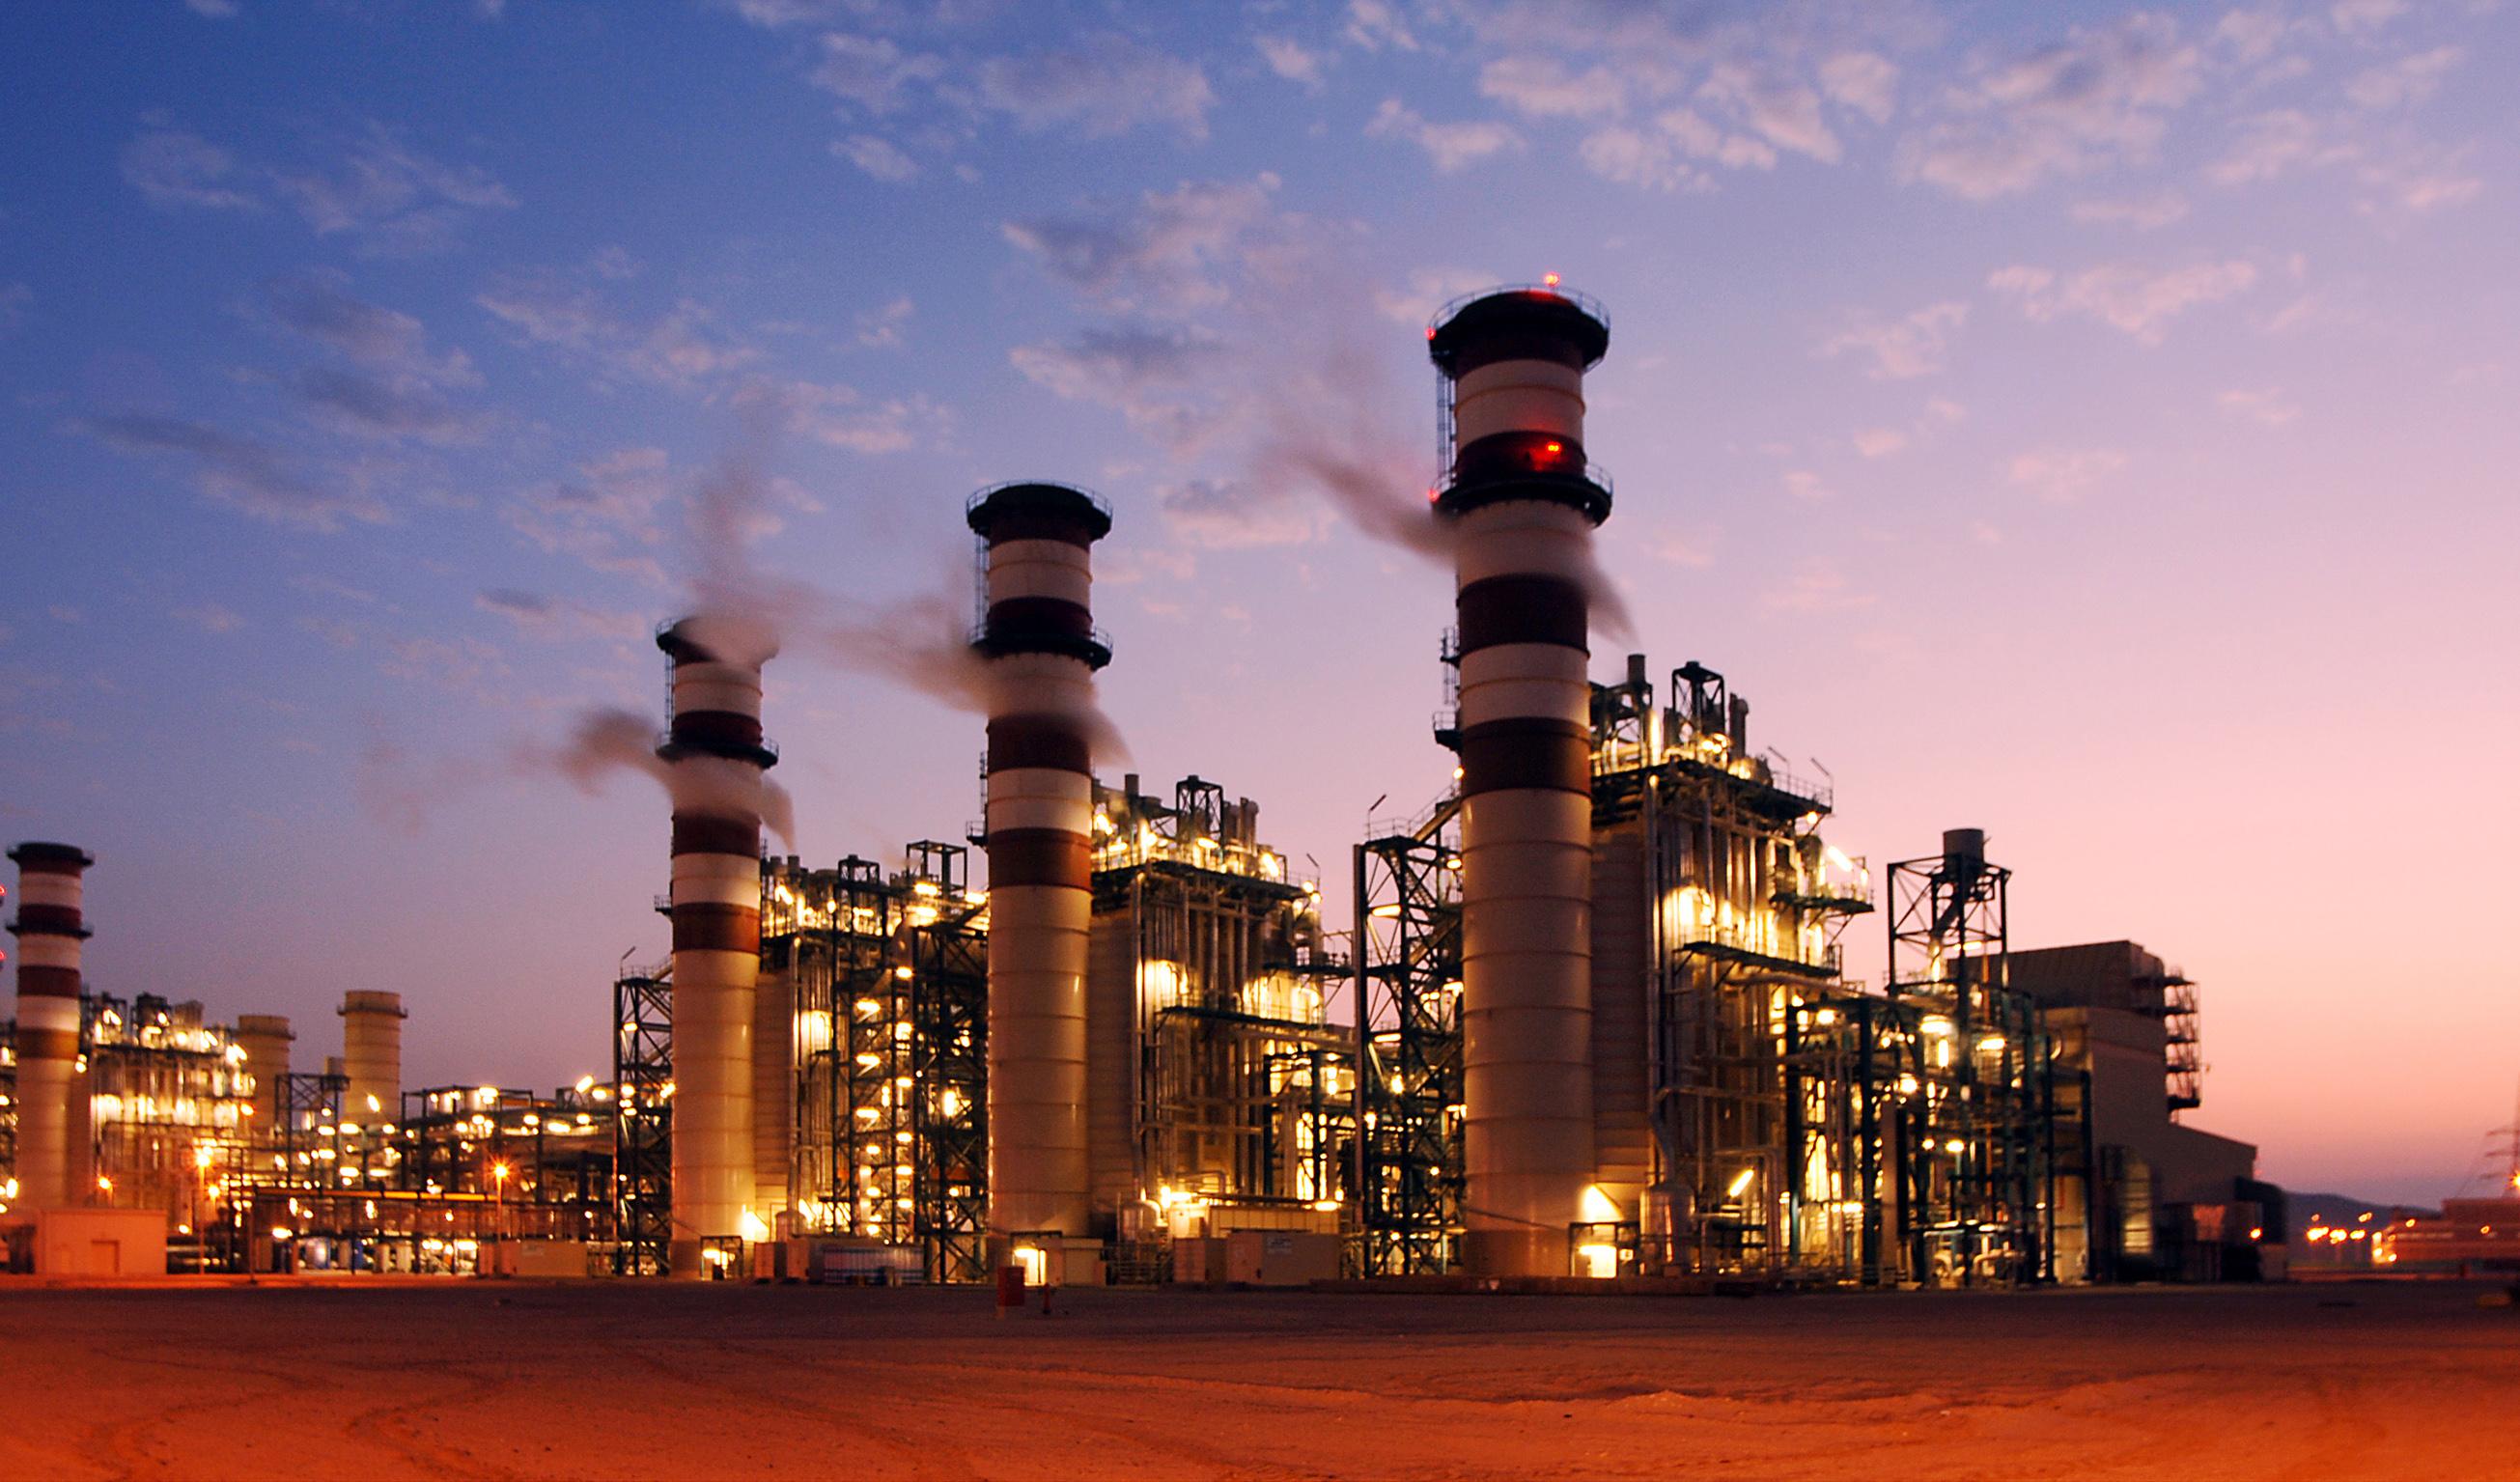 واگذاری مطالعات جامع ۸ میدان گازی و نفتی به شرکتهای ایرانی